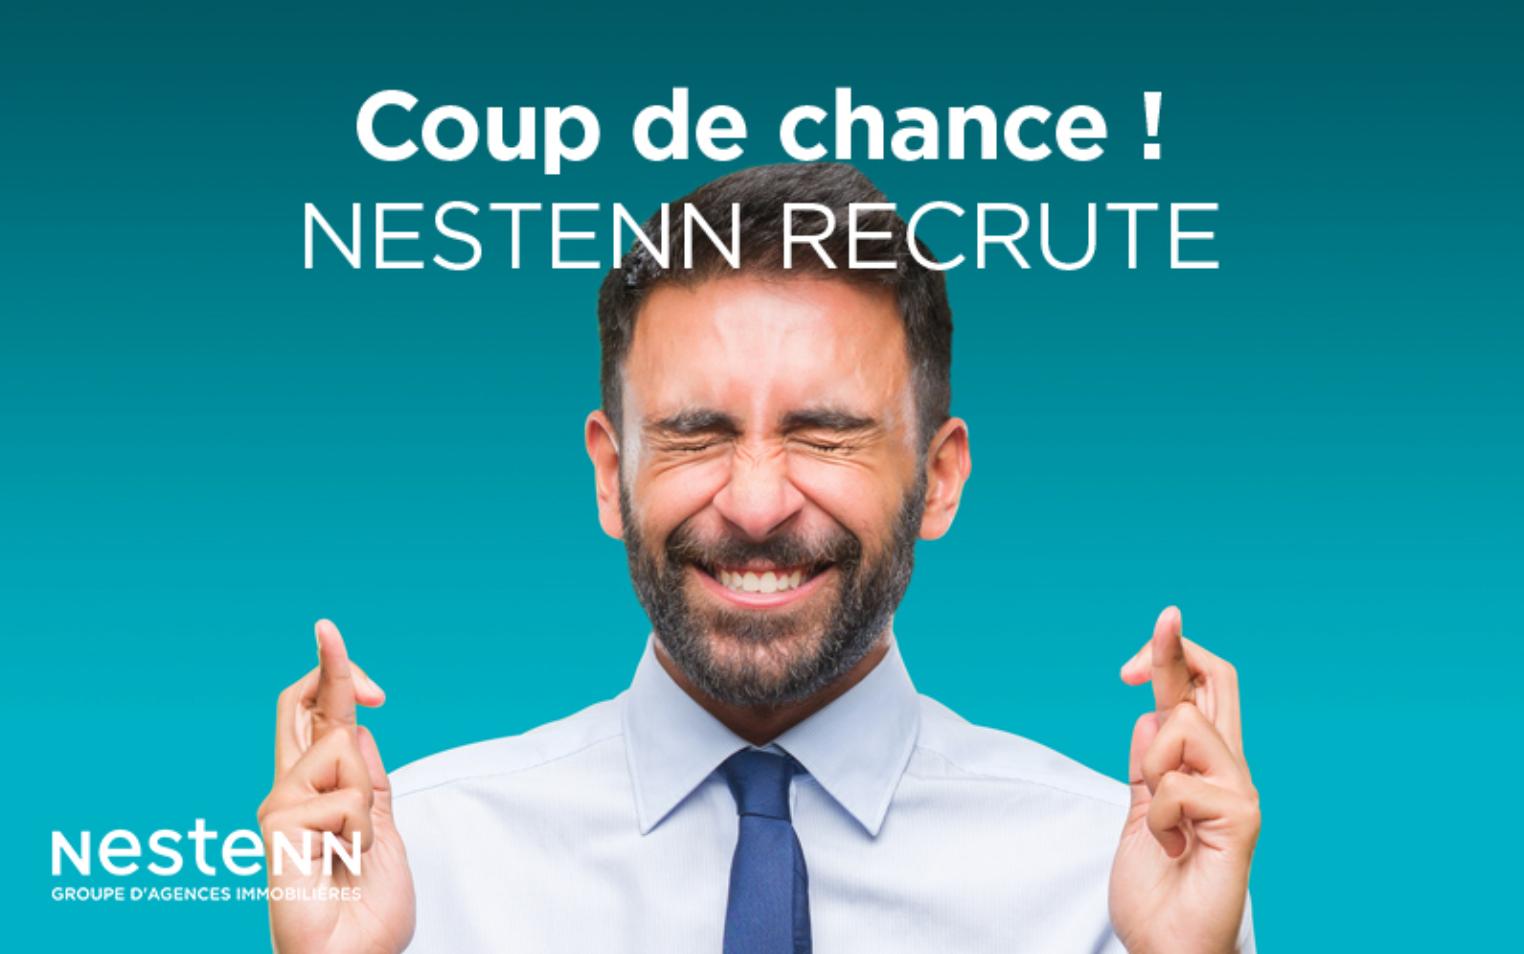 Nestenn annonce 500 recrutements supplémentaires pour 2021